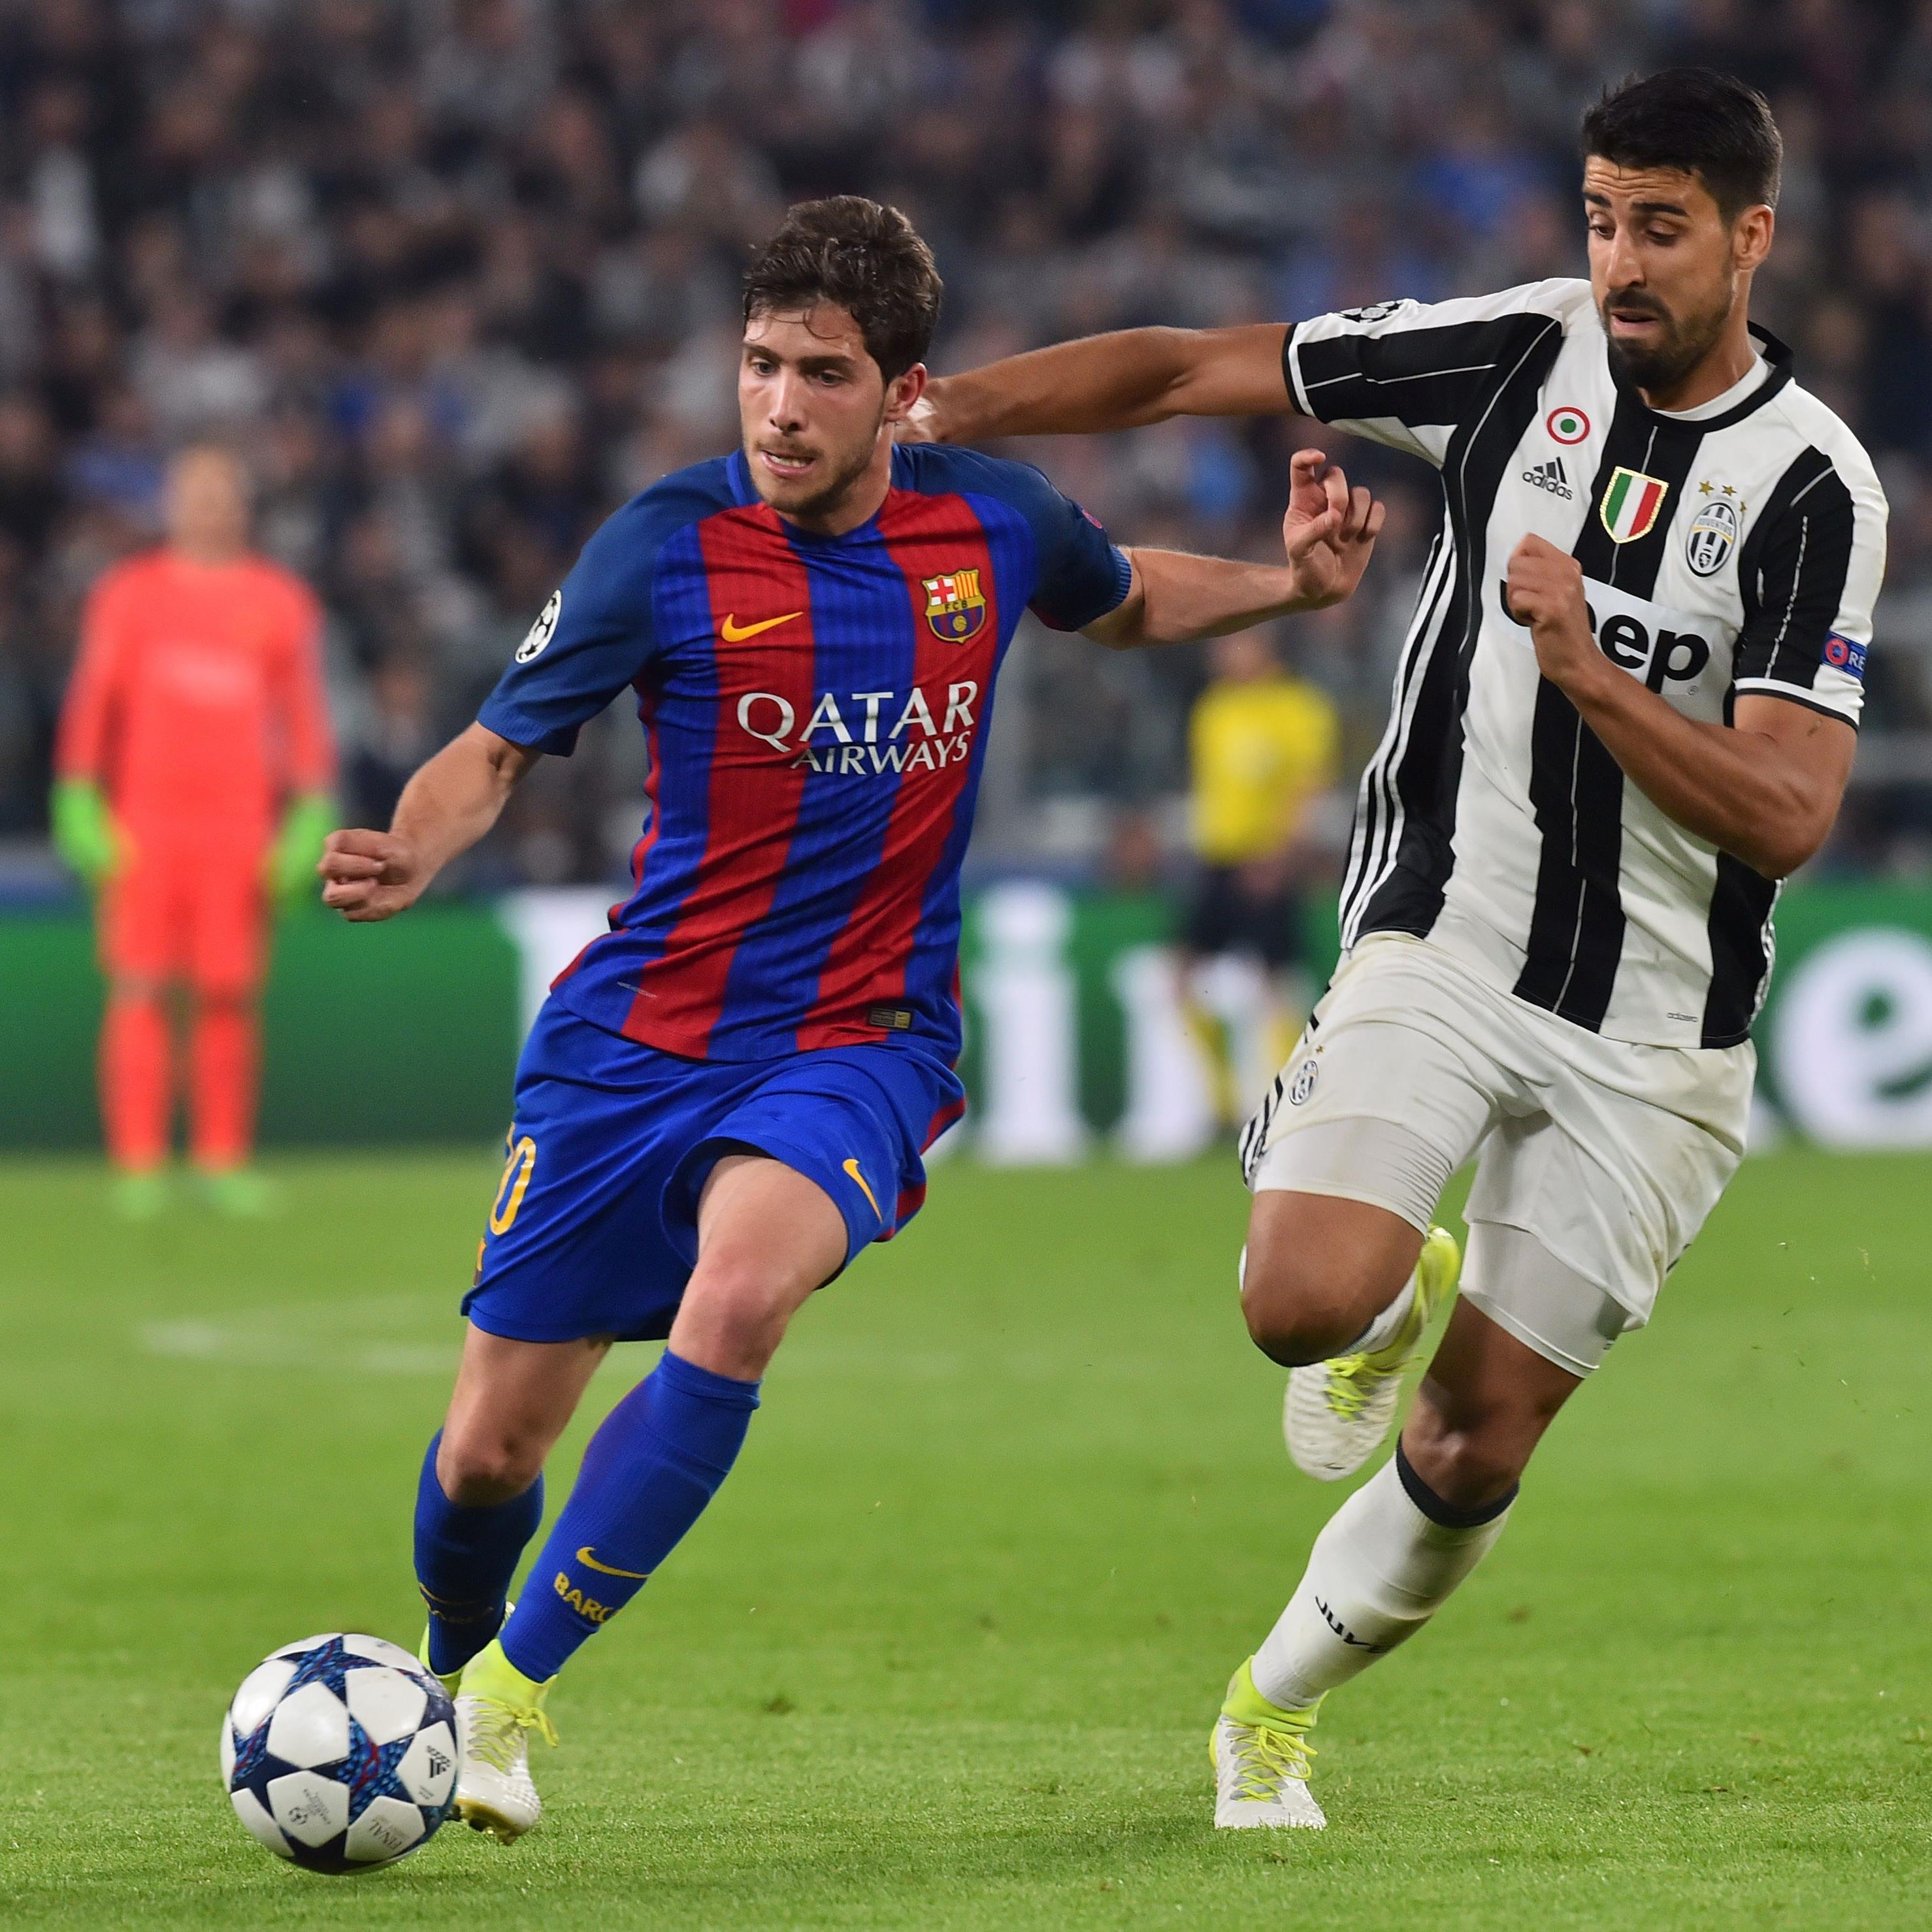 Der FC Barcelona hofft gegen Juventus Turin auf ein neuerliches Champions-League-Wunder.